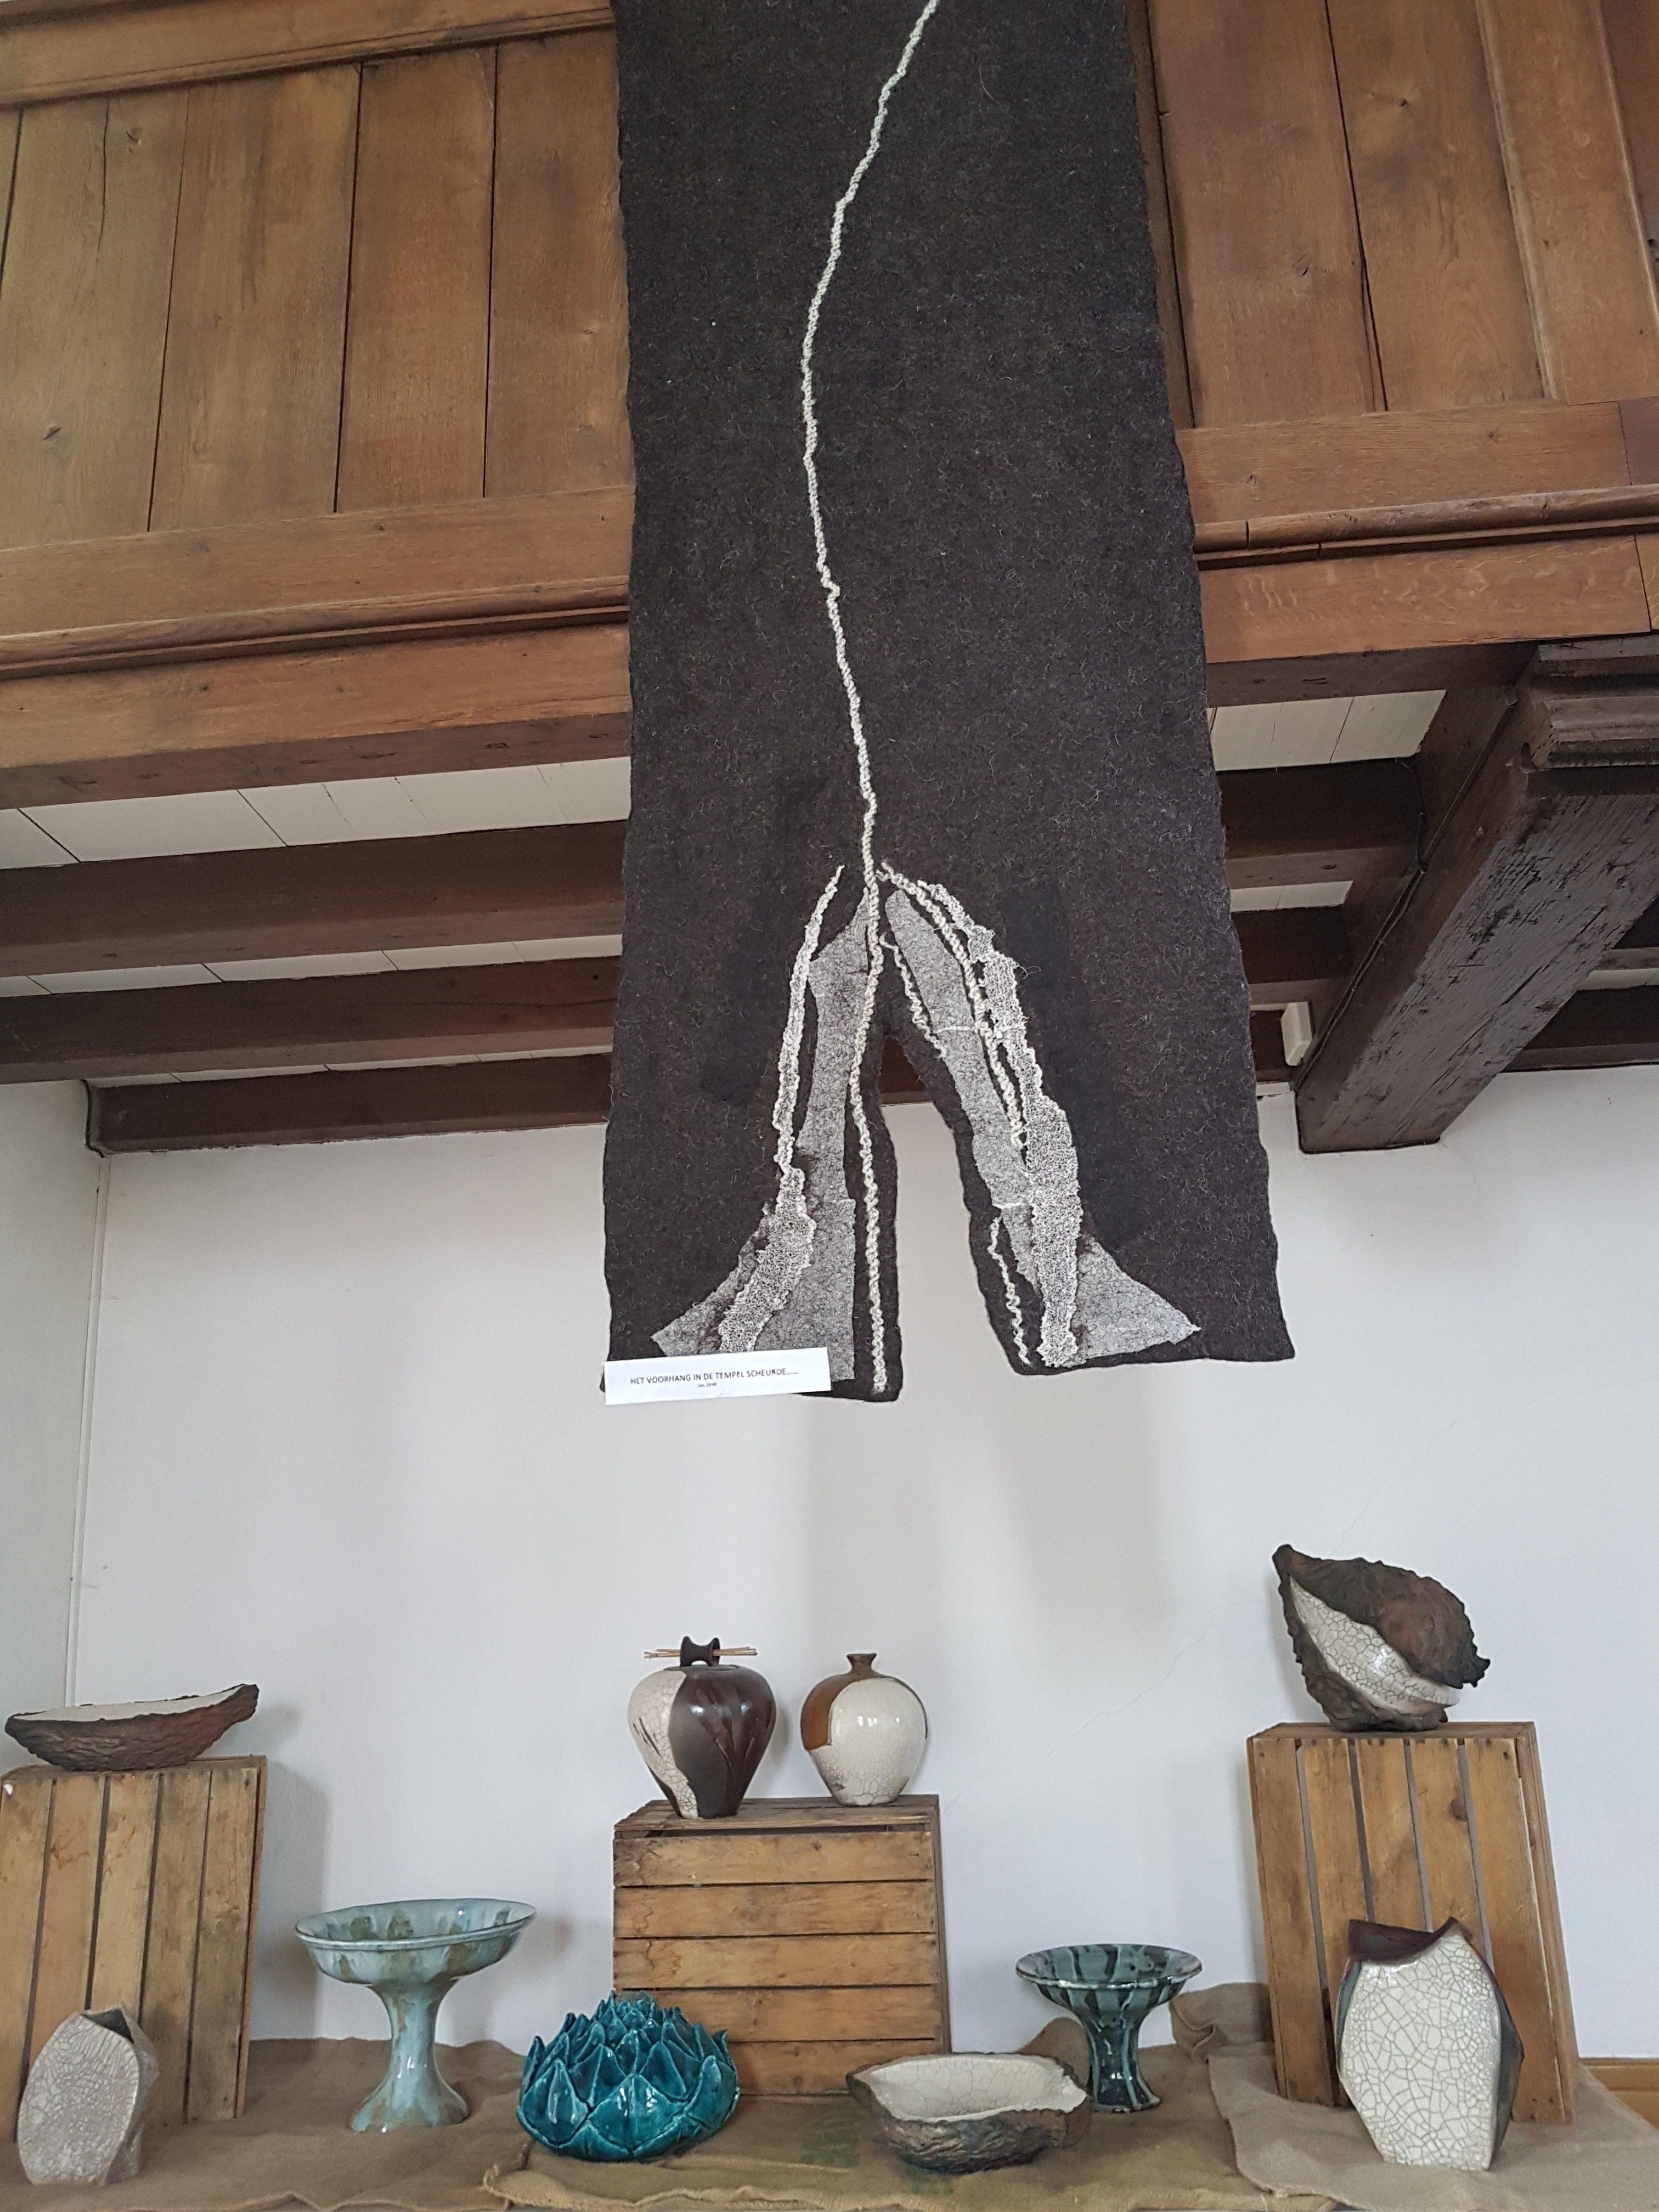 Corrie Balk-Sijp Viltkleed \'Het voorhang van de tempel scheurde\'